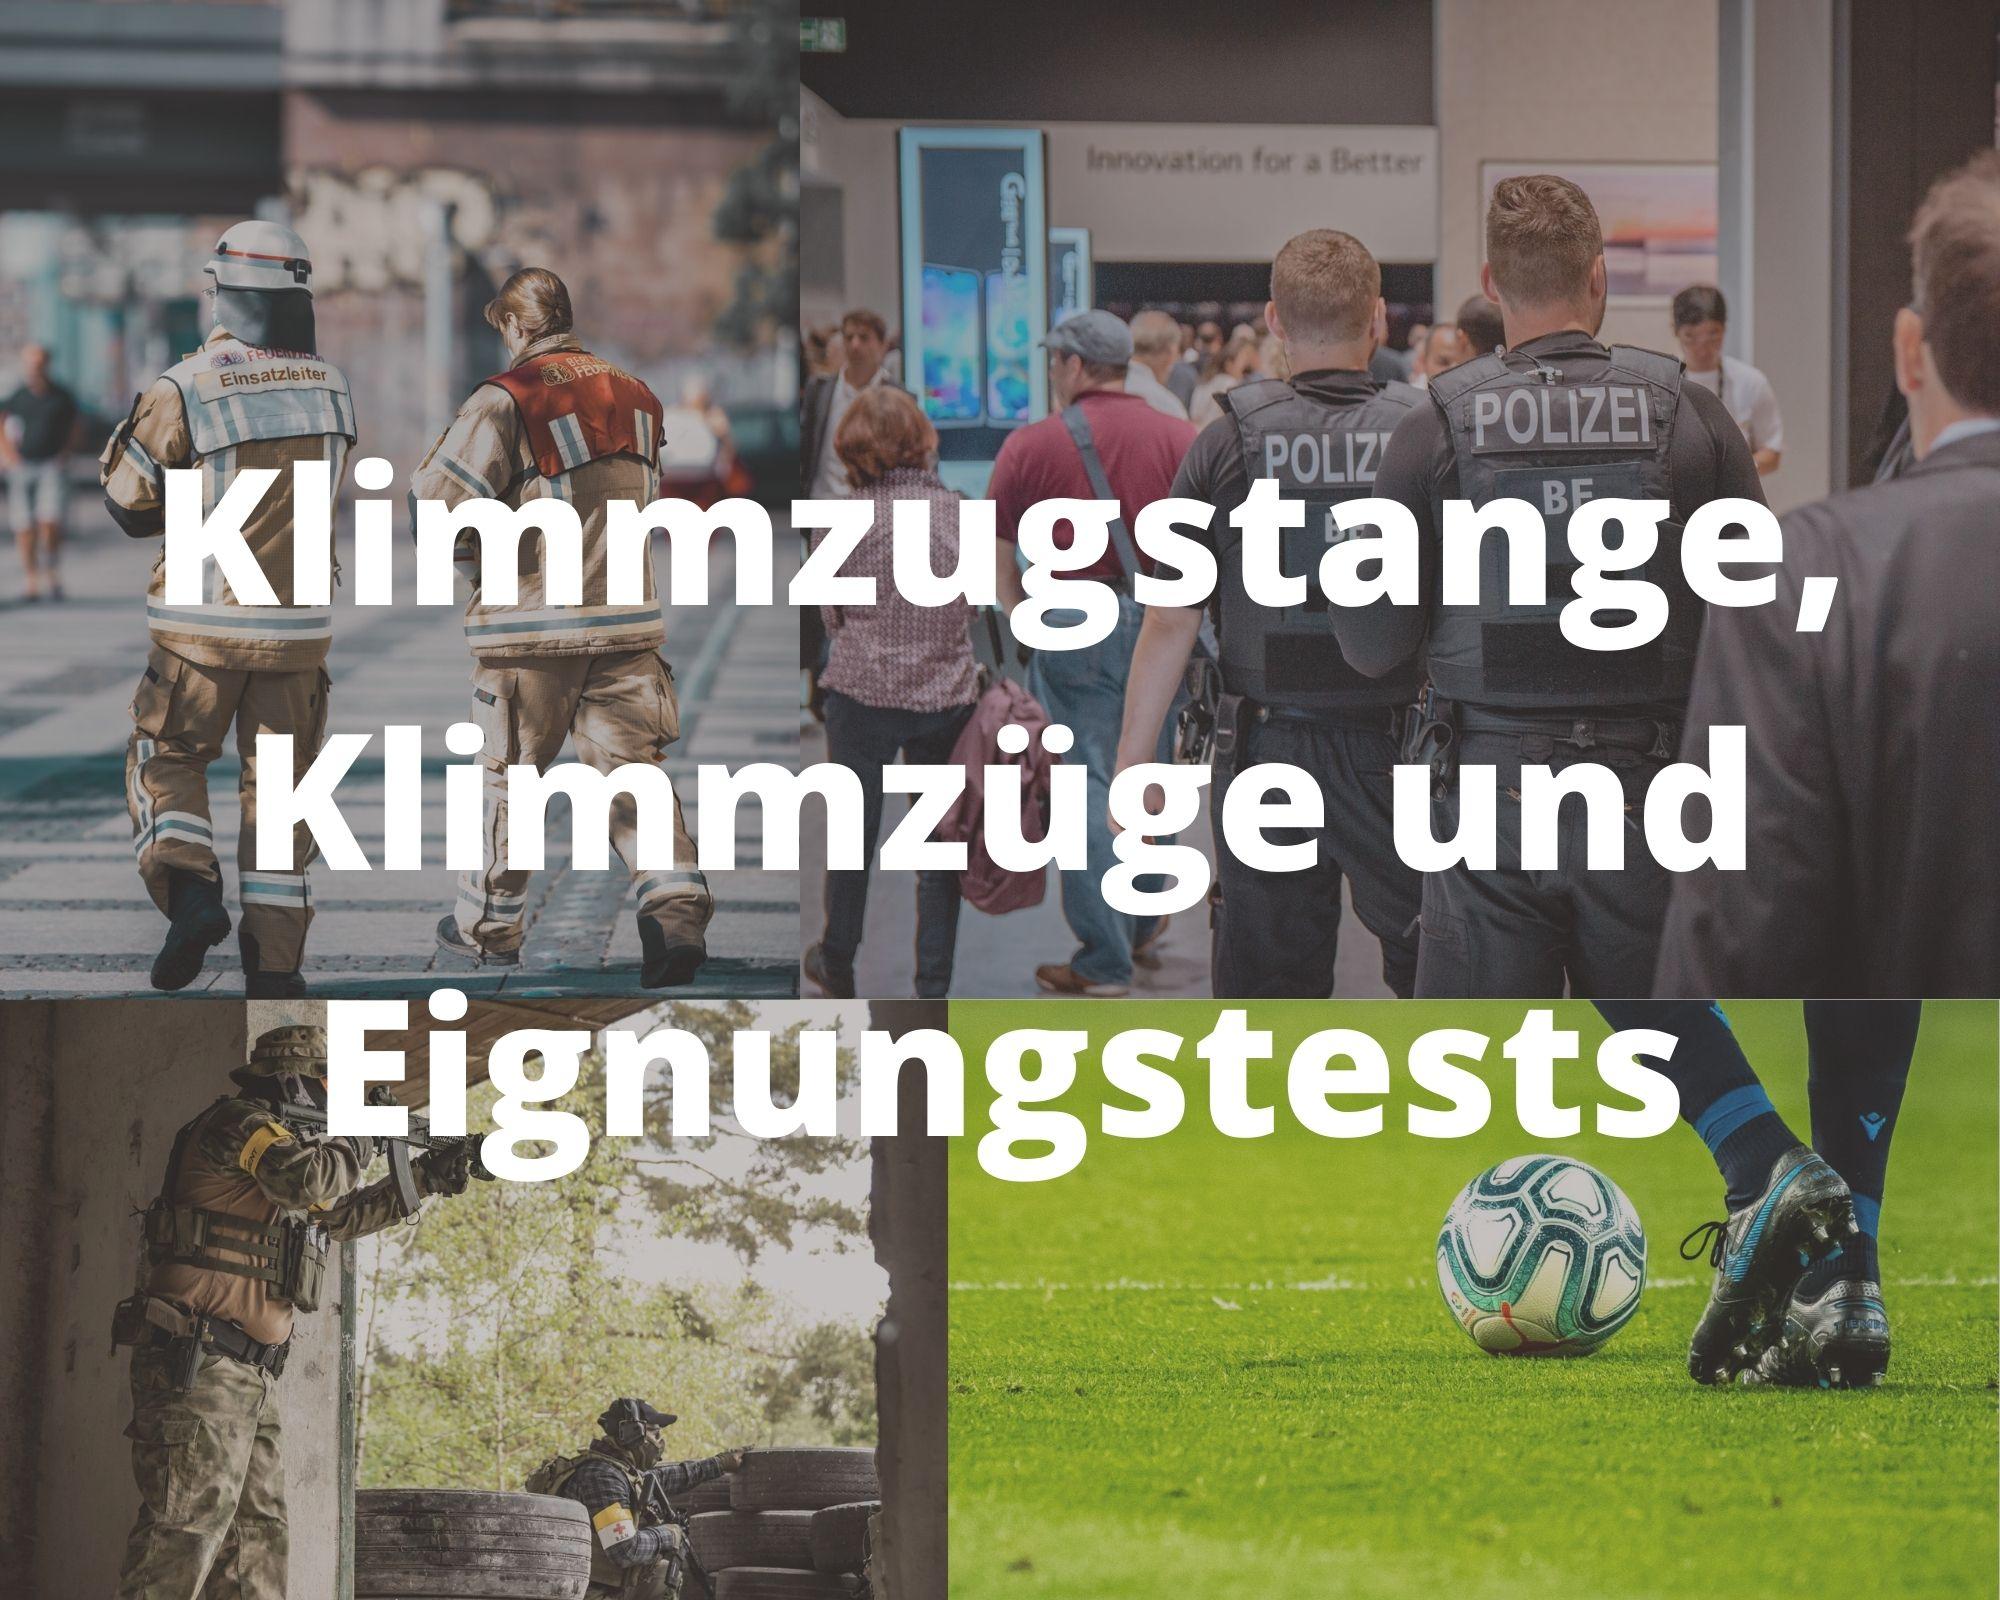 klimmzugstange_klimmzuege_eignungstests_web